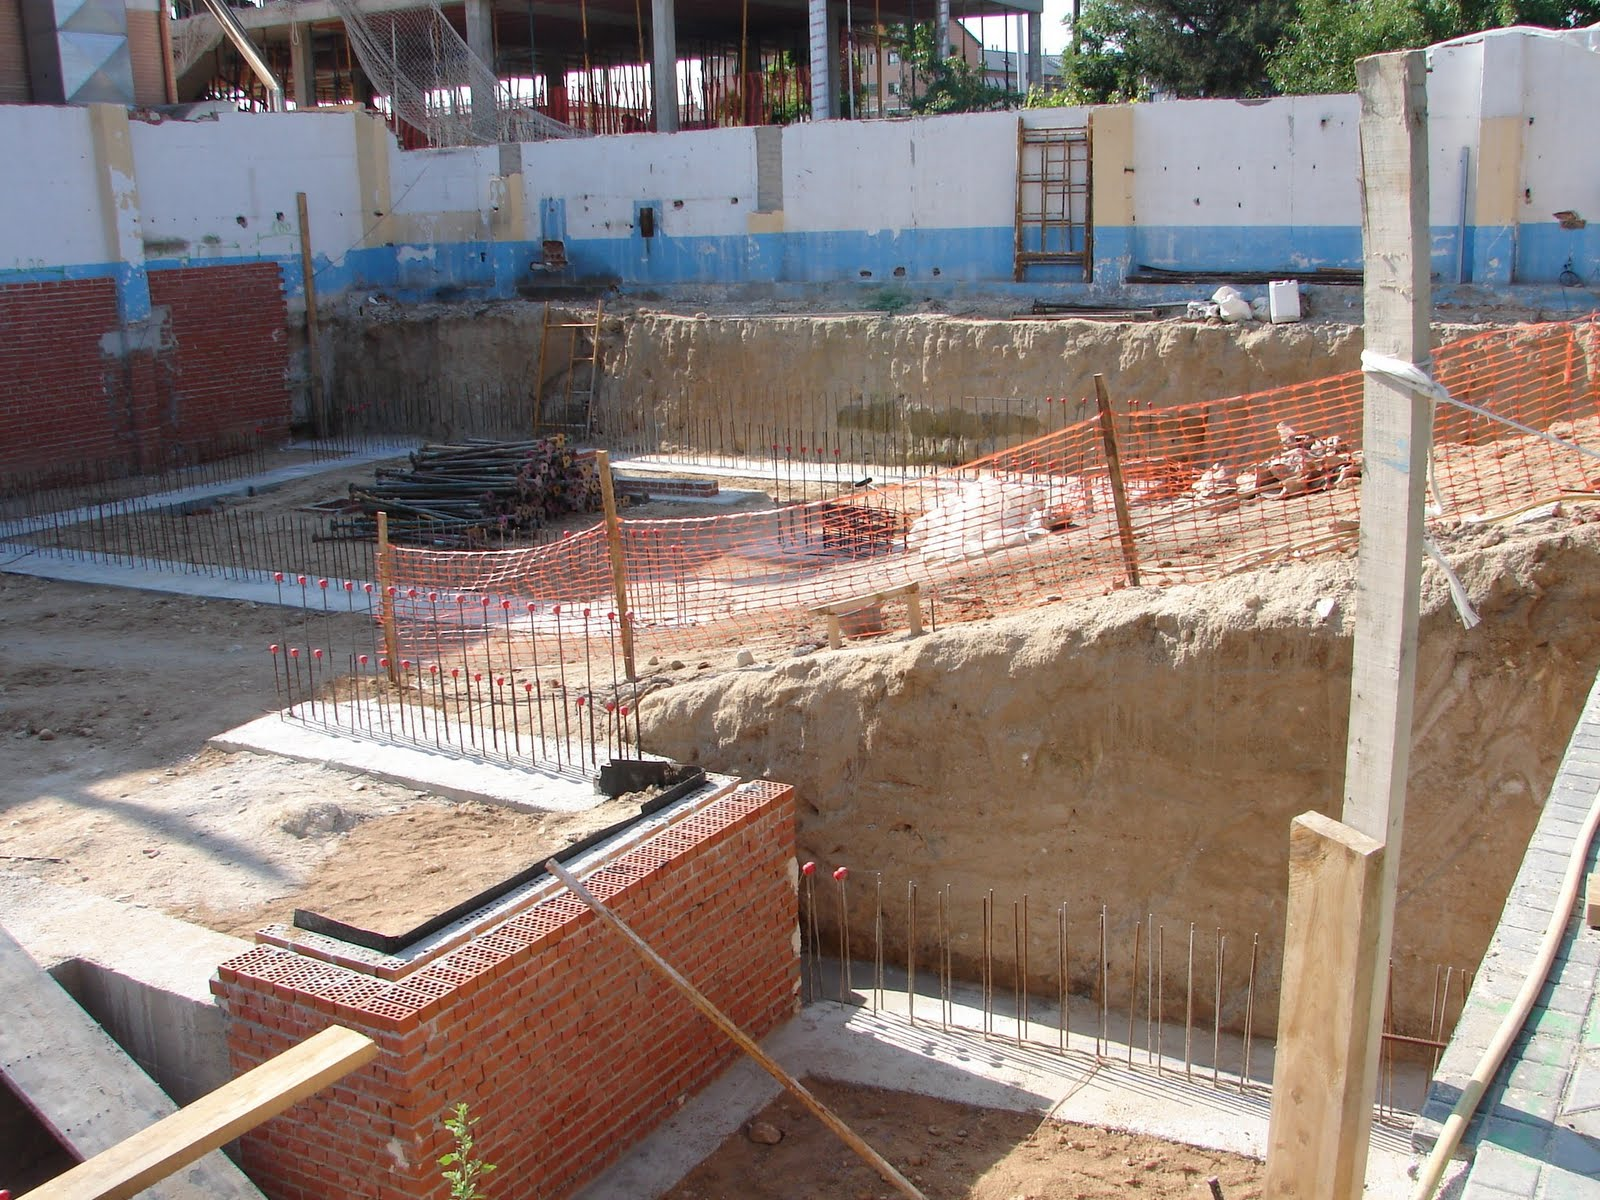 Muros de contencion muros de contenci n de hormig n semi prefabricados - Muros de hormigon ...